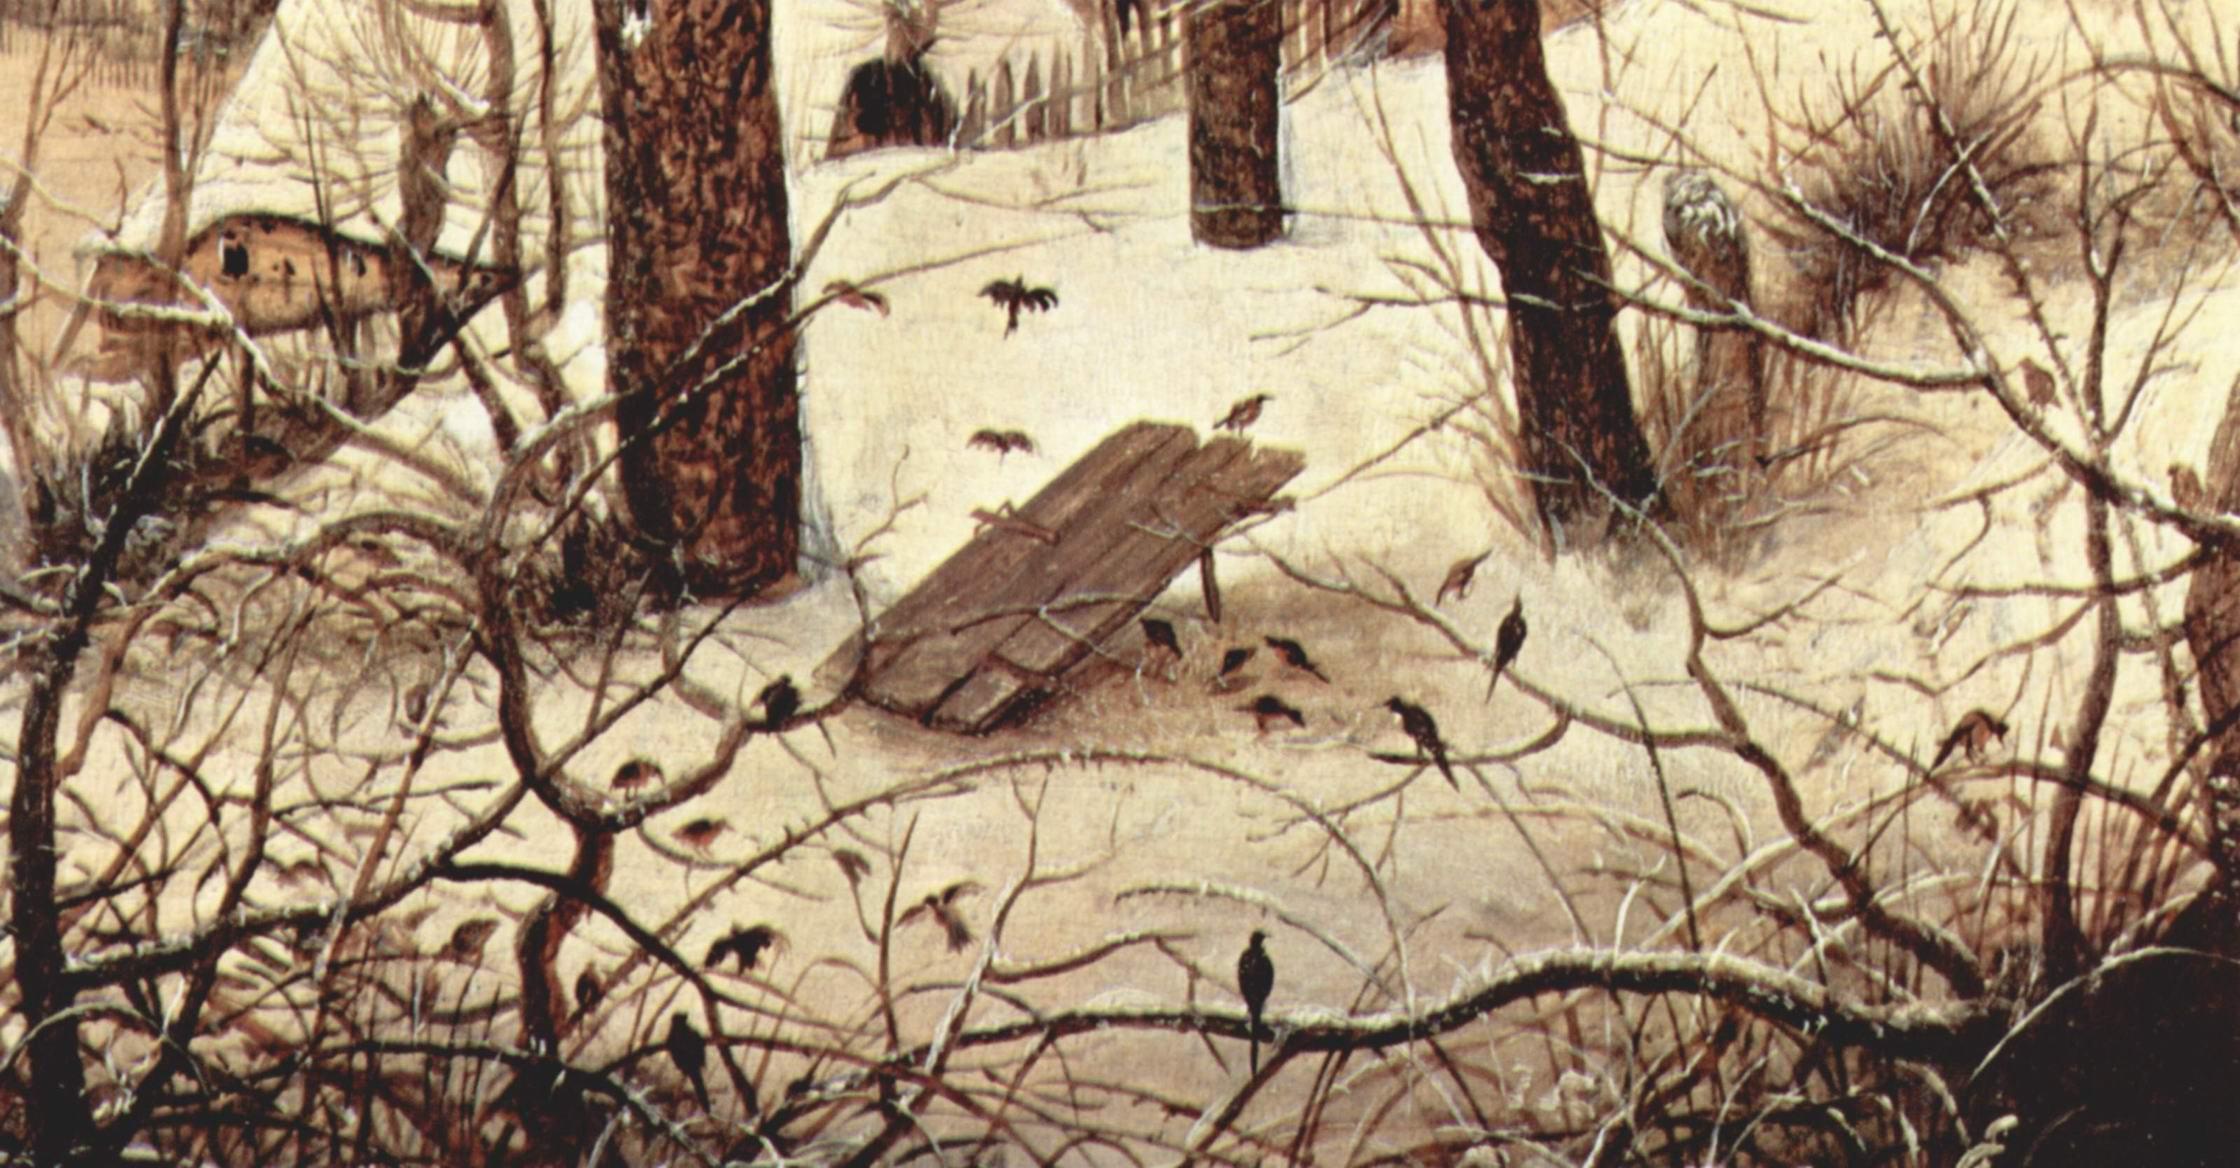 Зимний пейзаж с конькобежцами и ловушкой для птиц. Деталь, Брейгель Питер